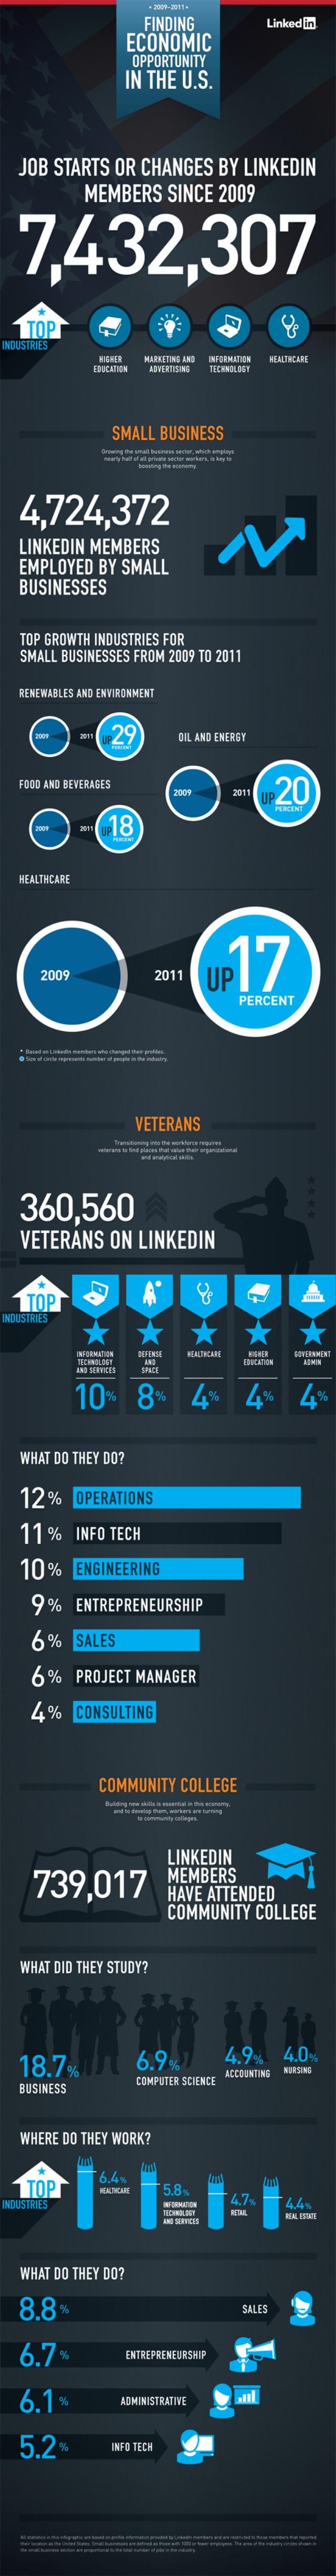 LinkedIn-Infographic, marketingando